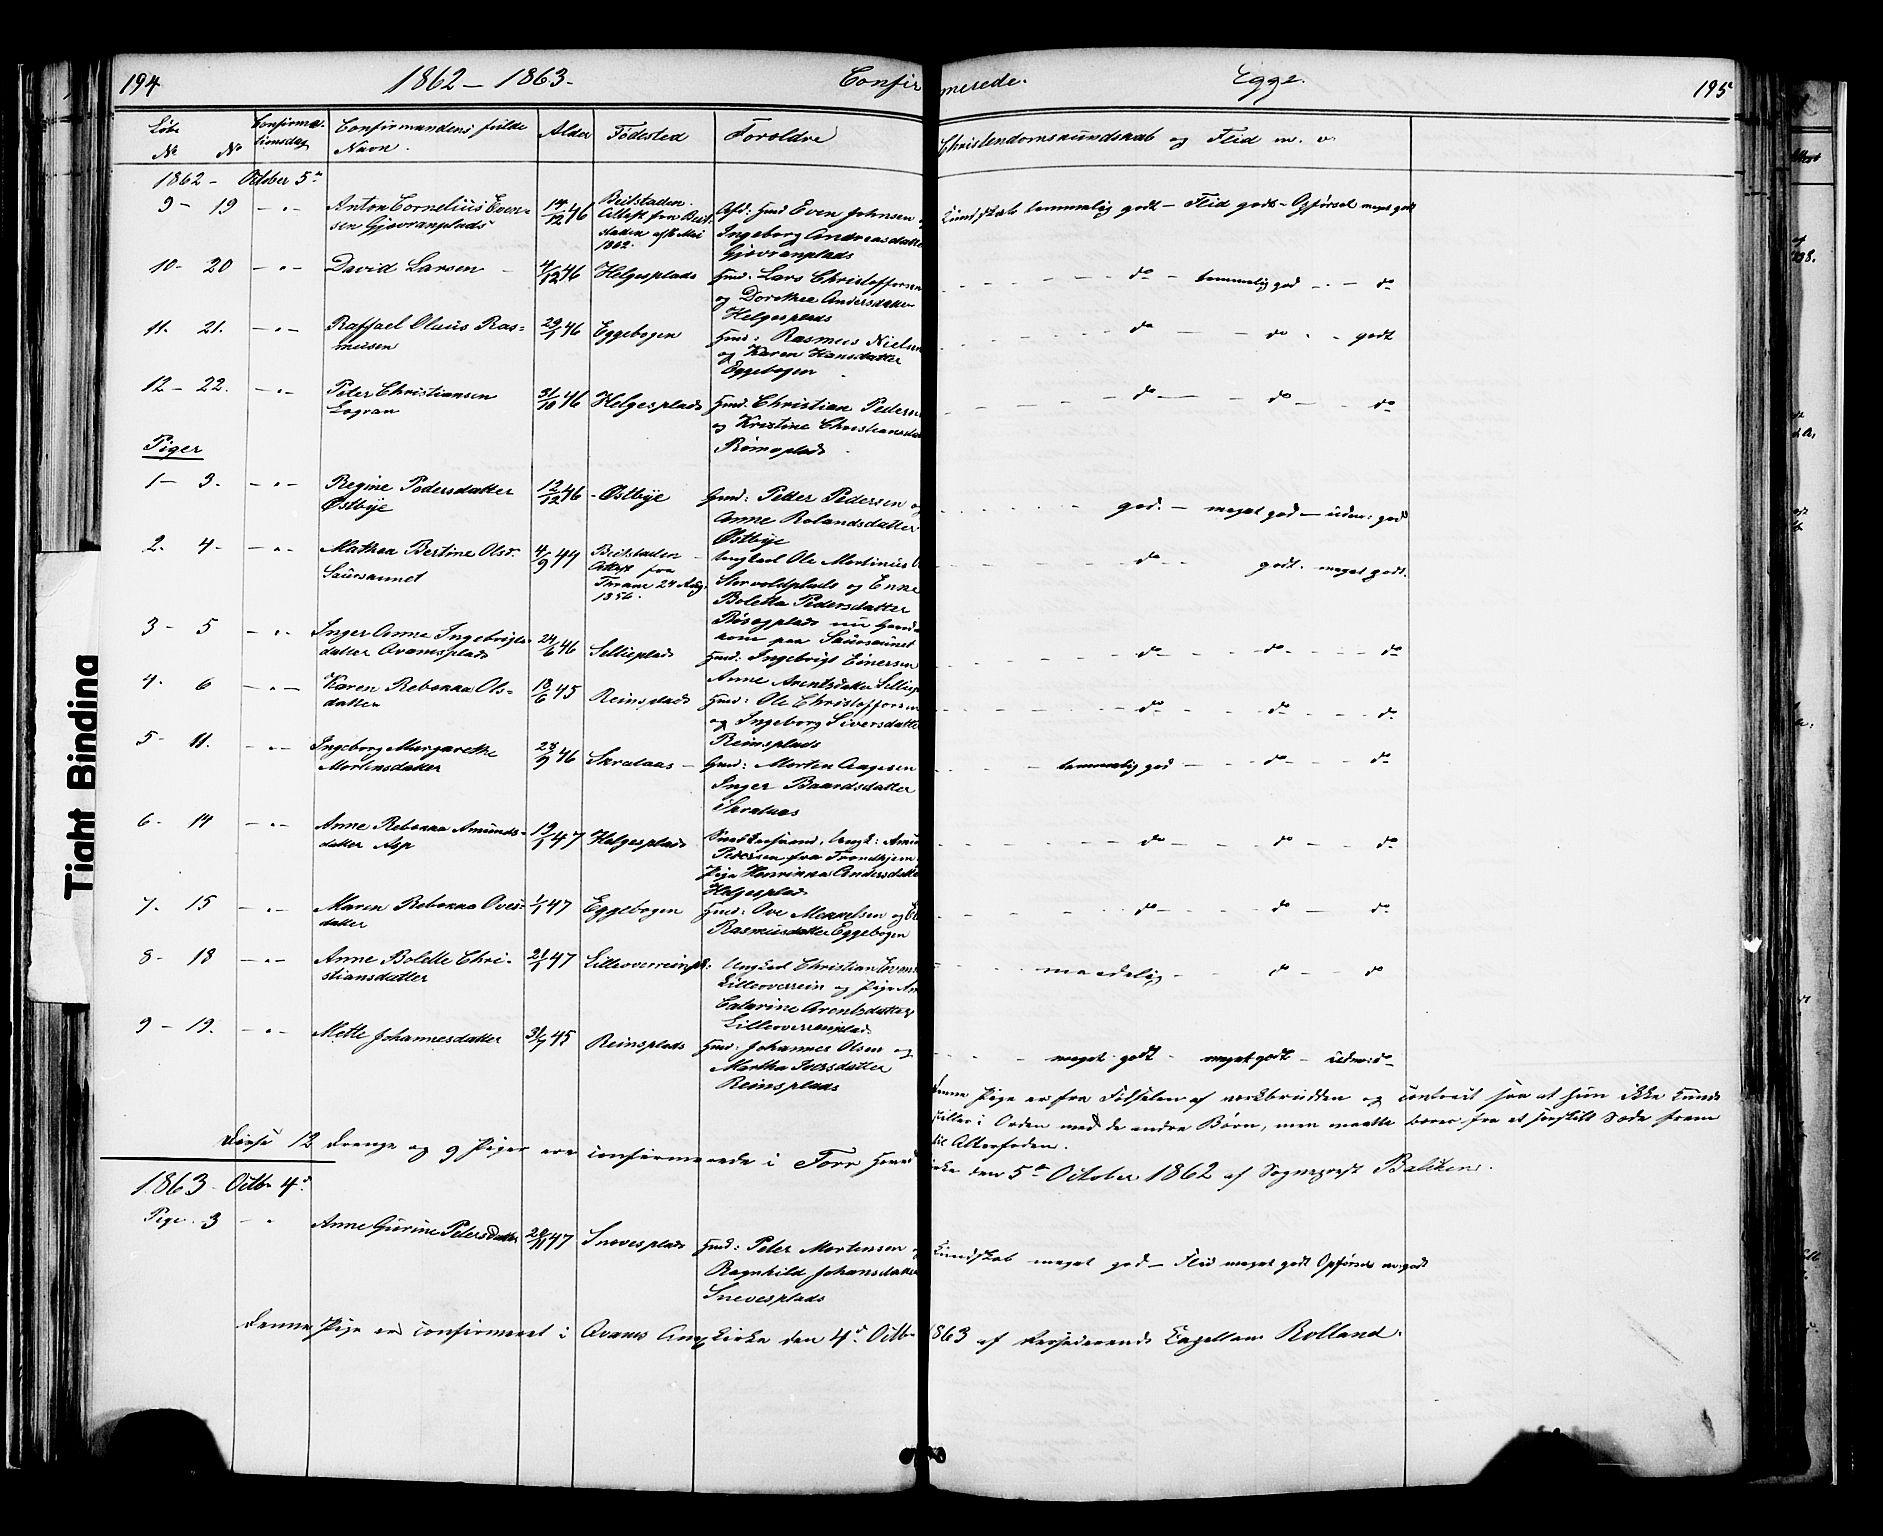 SAT, Ministerialprotokoller, klokkerbøker og fødselsregistre - Nord-Trøndelag, 739/L0367: Ministerialbok nr. 739A01 /3, 1838-1868, s. 194-195